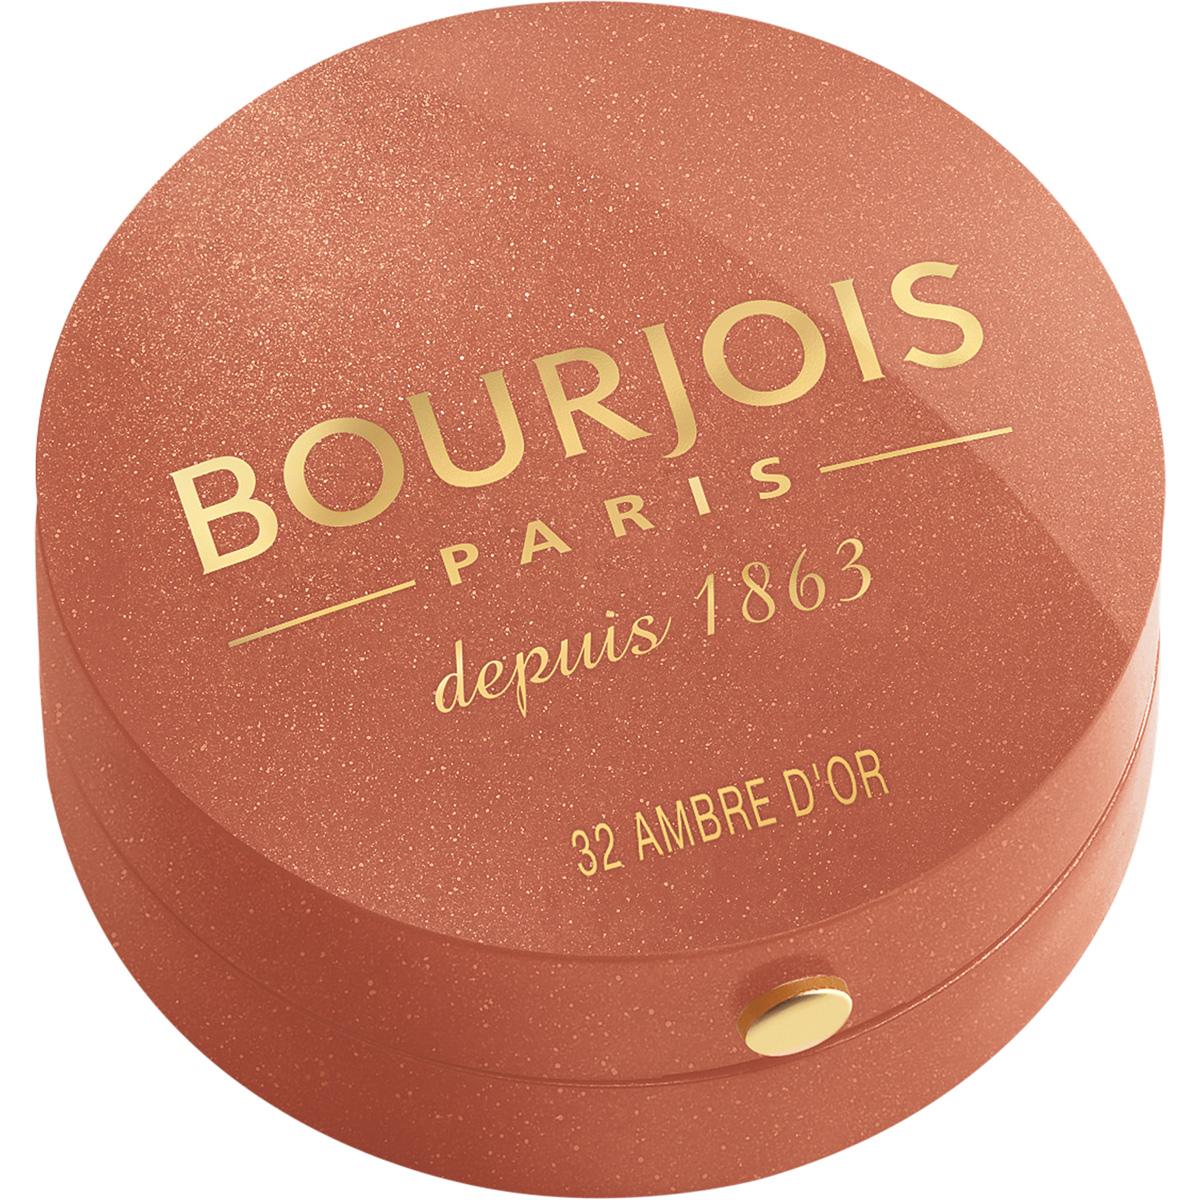 Bourjois Румяна blush 32 тон 2 мл29101562032Продукт - символ марки Bourjois, выпускаемый с 1863 года.Шелковая текстура румян при соприкосновении с кожей превращается в легкую, бархатистую пудру. Румяна невероятно легко наносятся и идеально ложатся. Твоя кожа выглядит потрясающе! Нежнейшая кисточка из натурального колонка творит чудеса! Потрясающая отдушка с ароматом розы, характерная для румян Bourjos, создает настроение легкости, а встроенное зеркальце облегчает нанесение.Cтолько соблазна в одной маленькой круглой баночке!